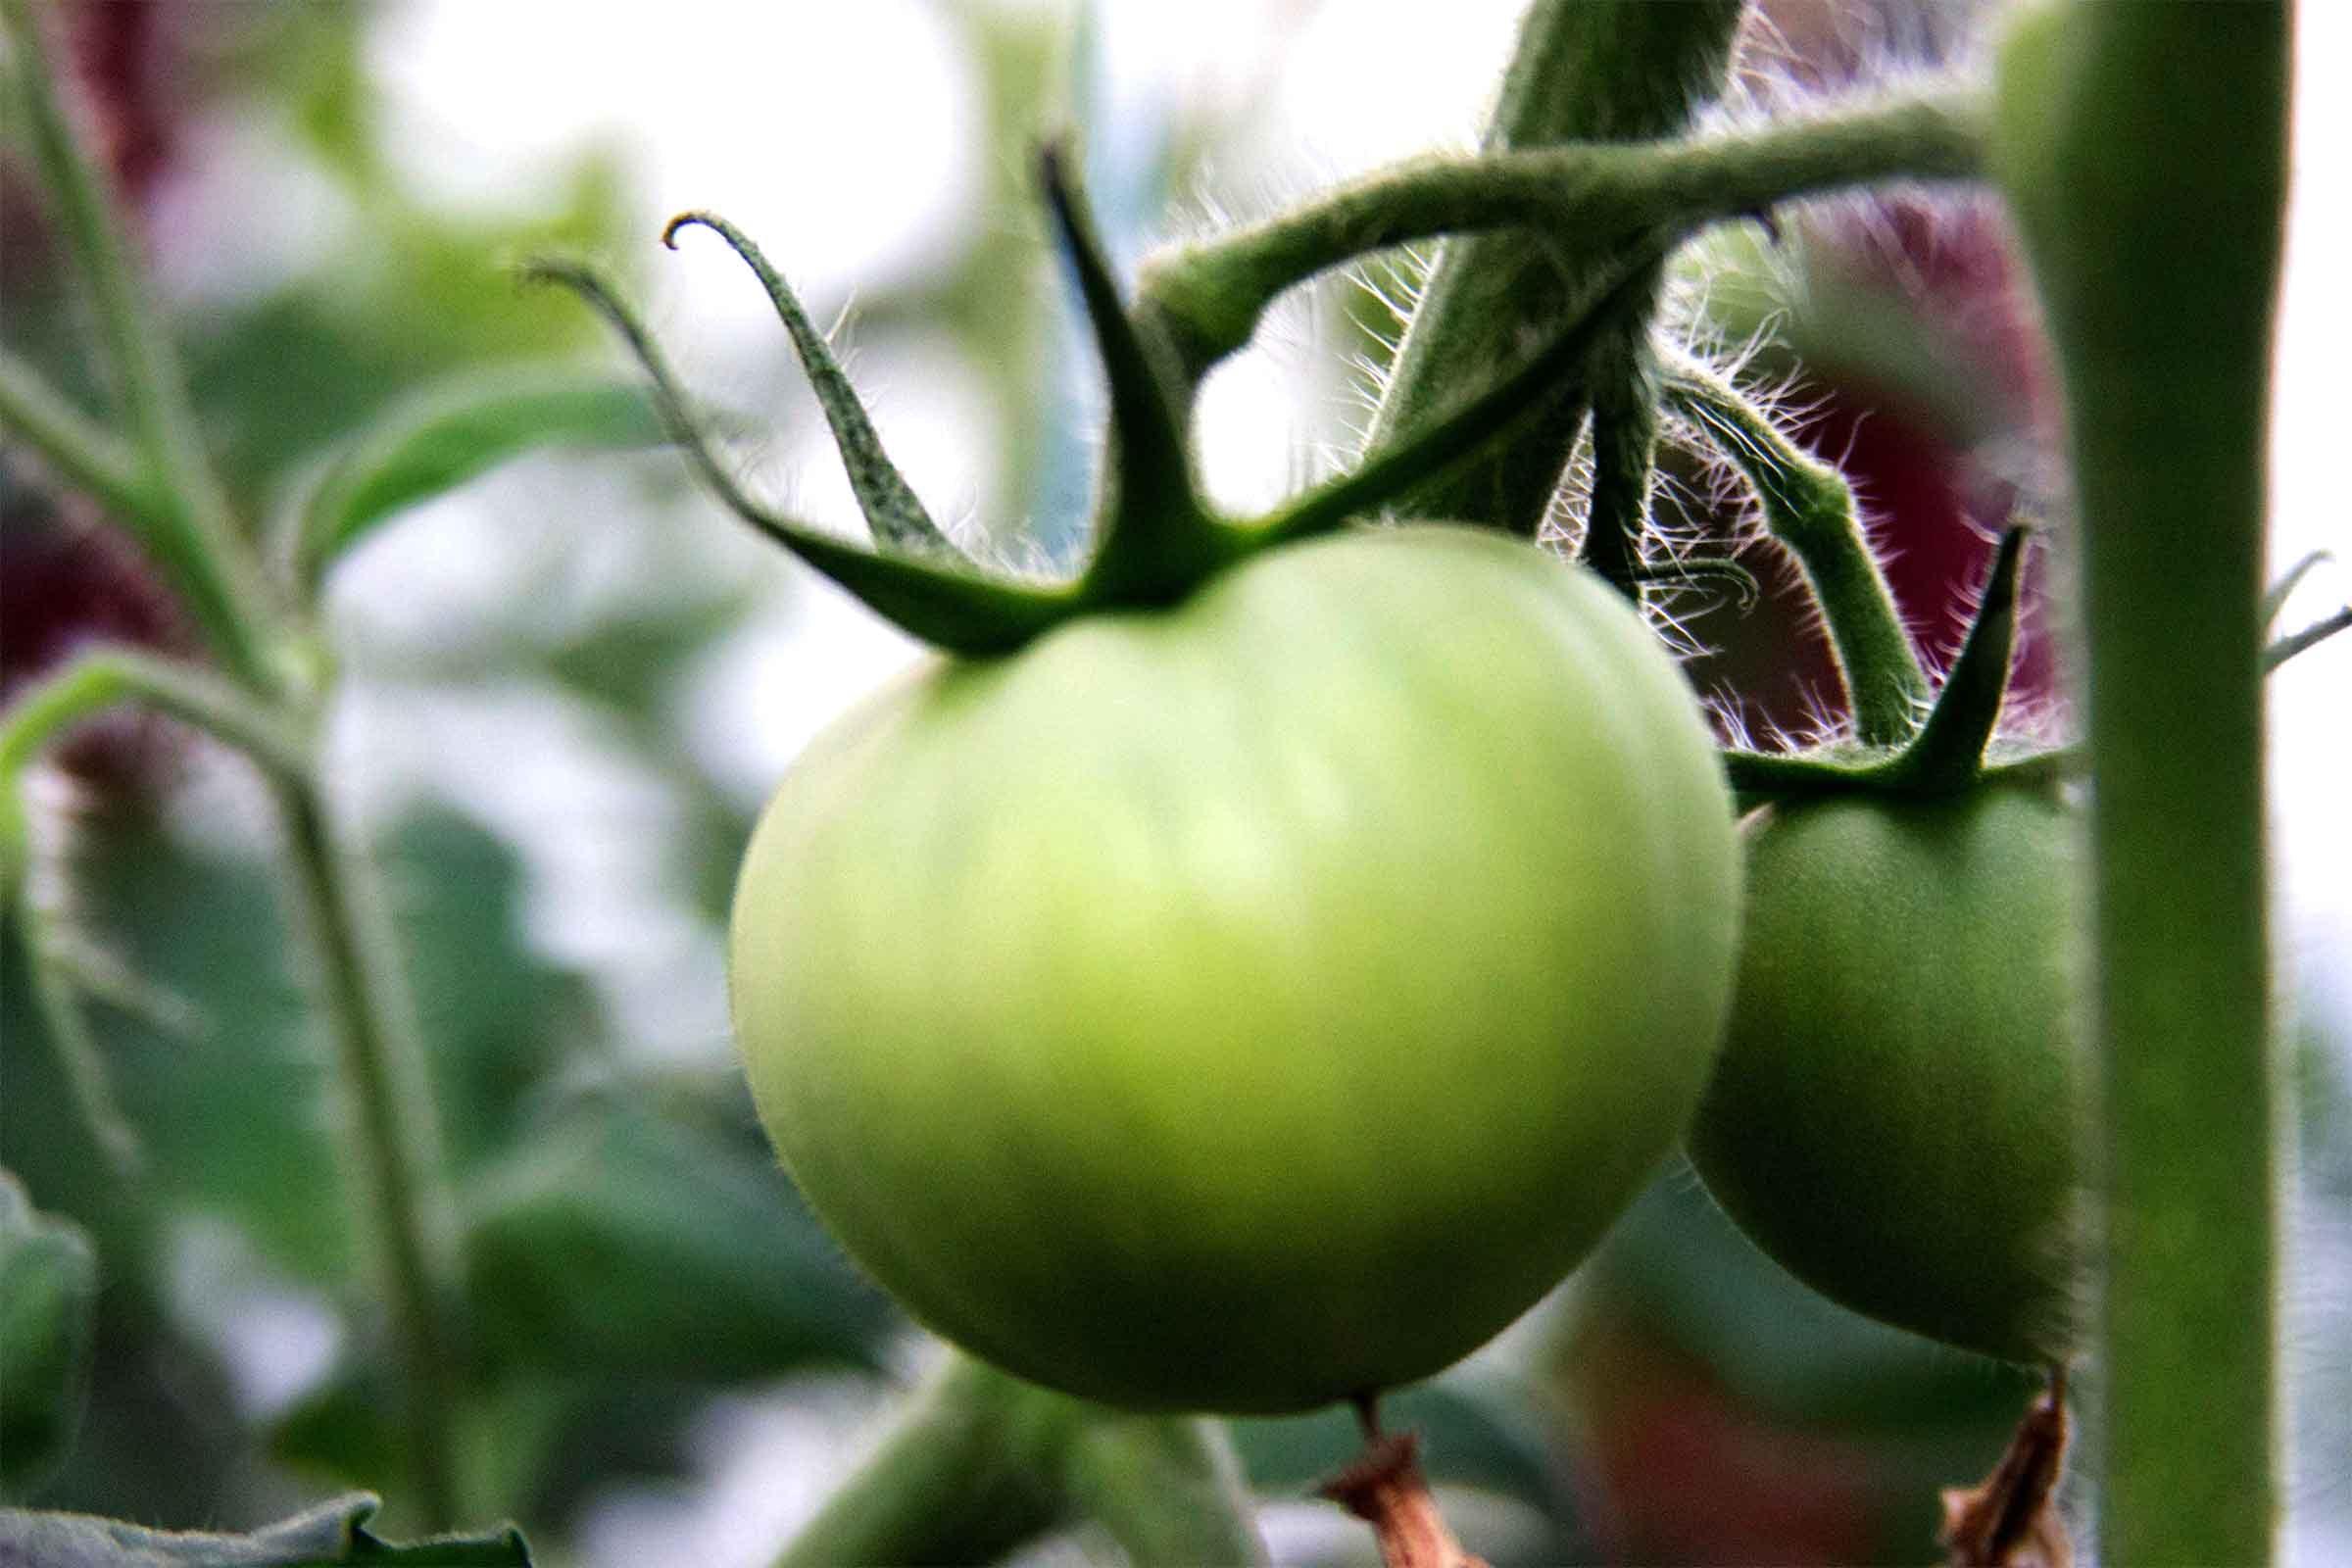 Faire mûrir les tomates vertes avec des pommes